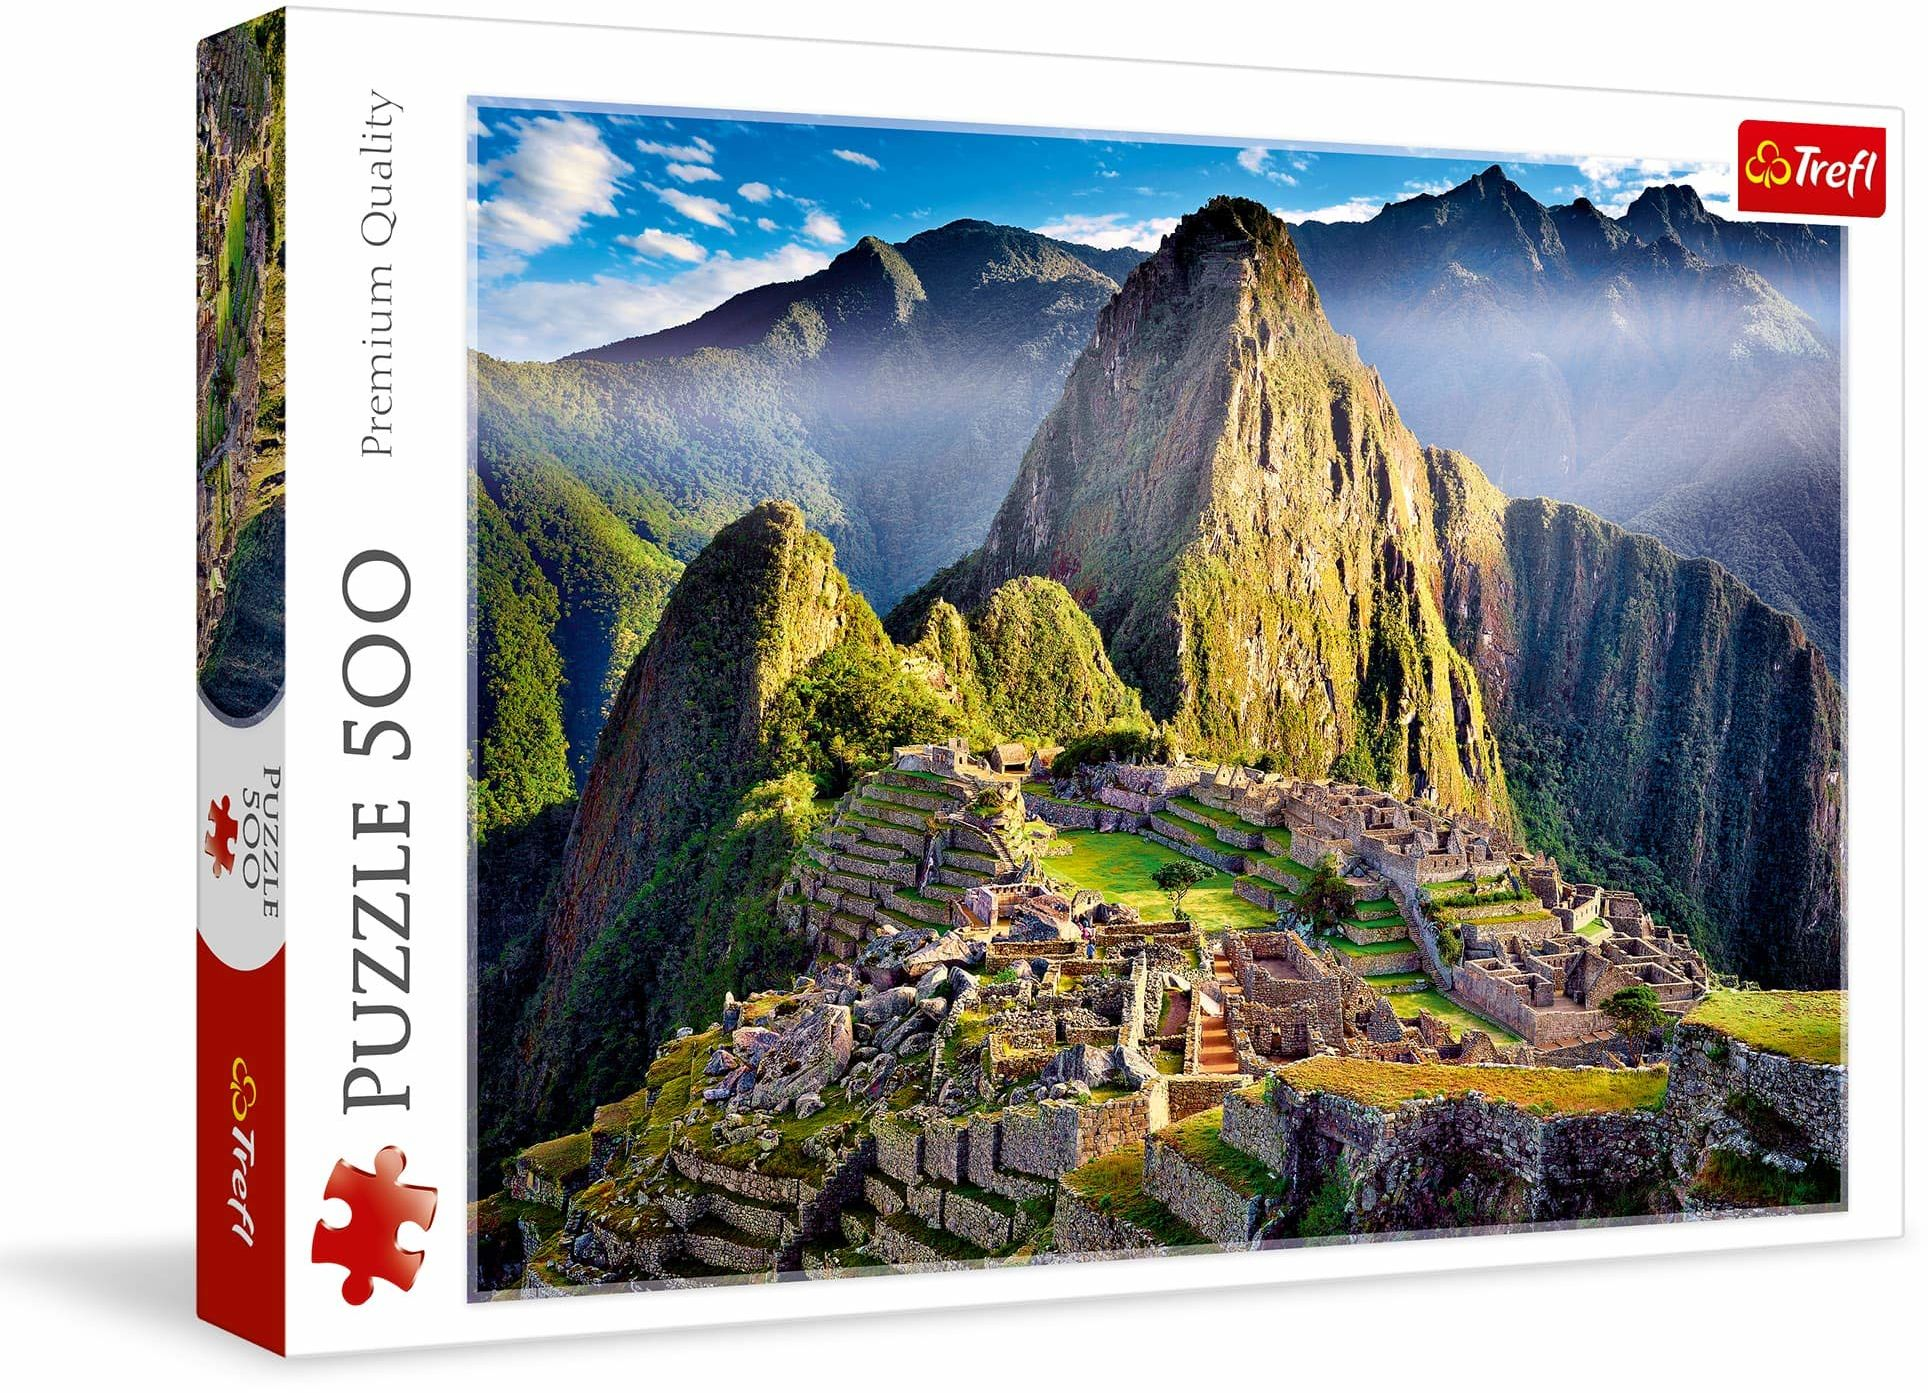 Trefl Zabytkowe Sanktuarium Machu Picchu Puzzle 500 Elementów o Wysokiej Jakości Nadruku dla Dorosłych i Dzieci od 10 lat